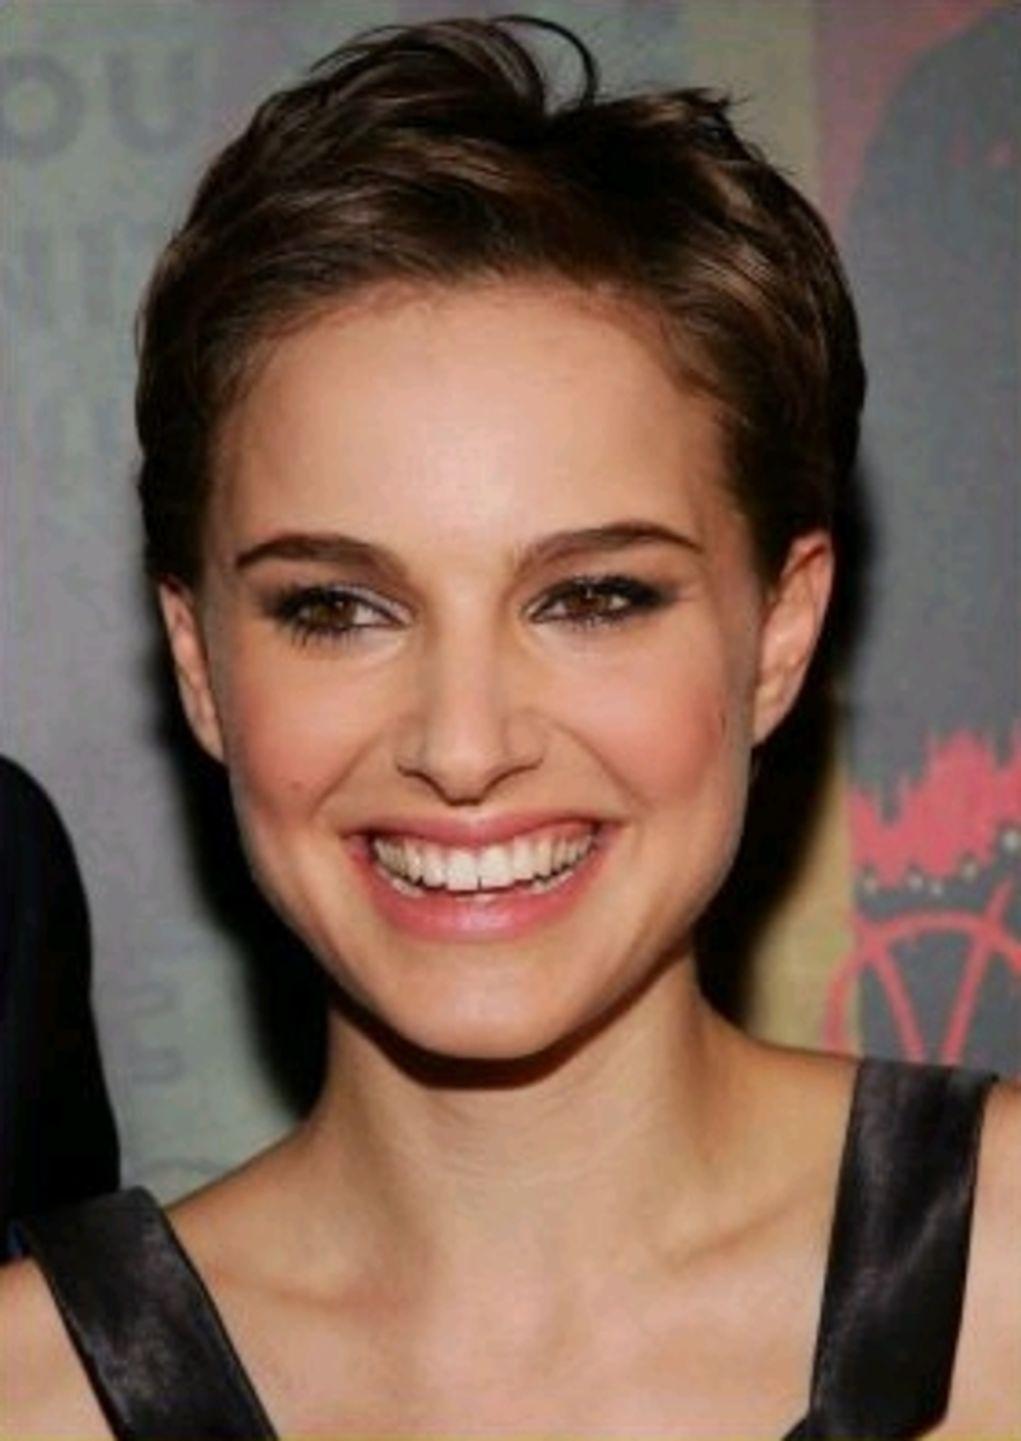 Emma watson just got a short pixie haircut beautyeditor best